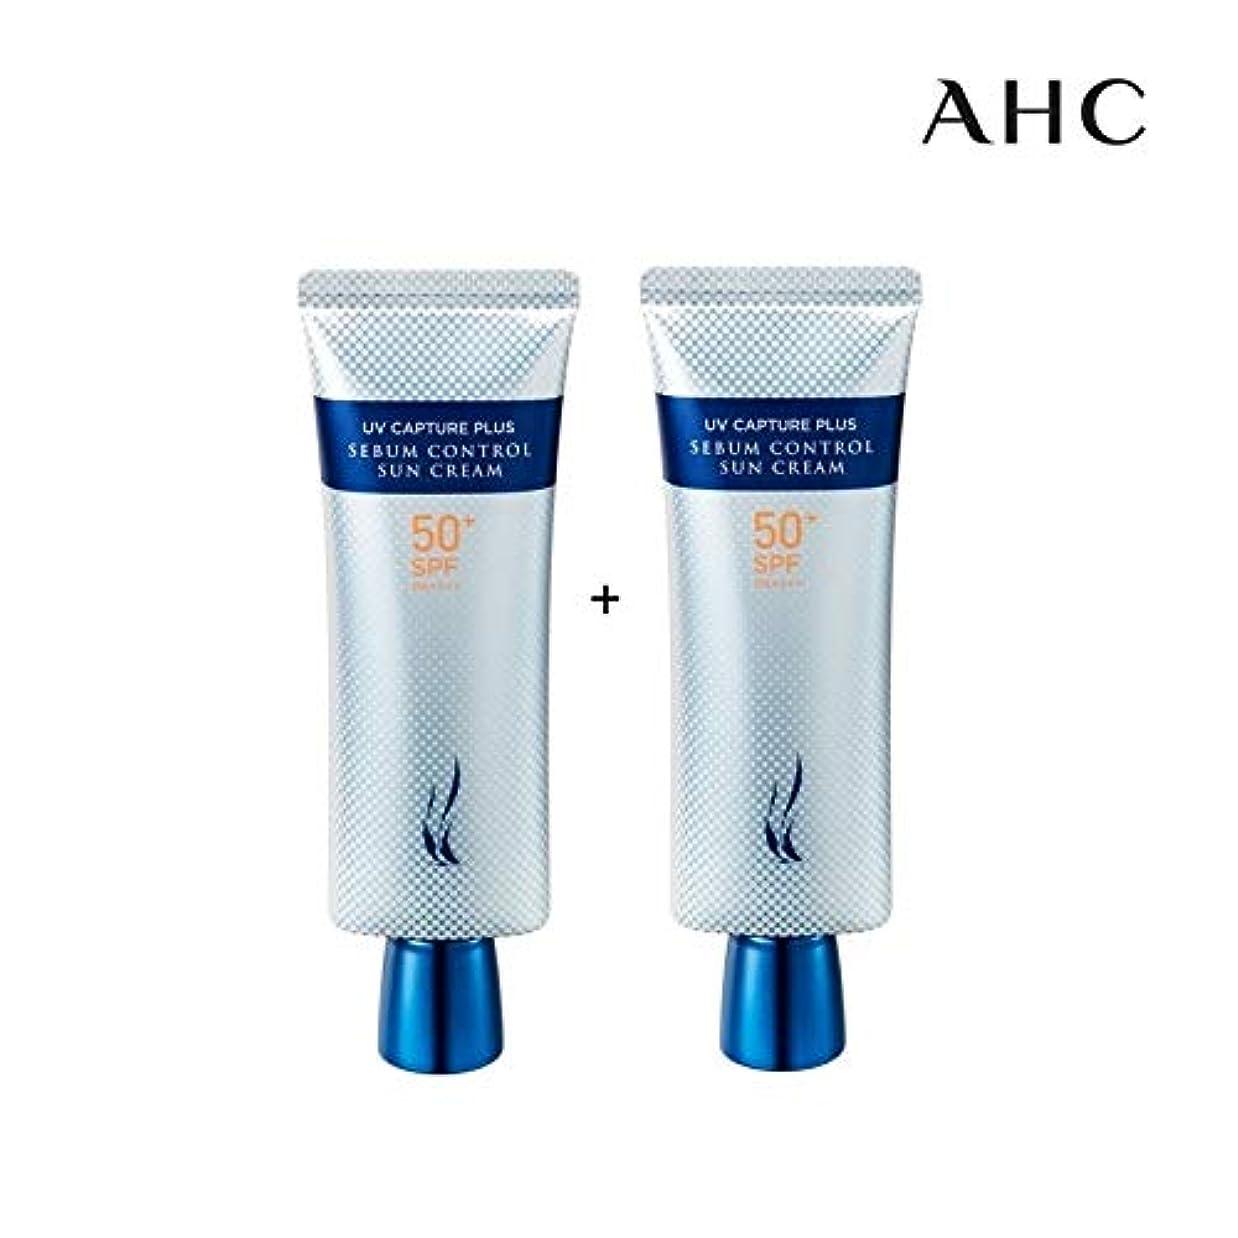 スプーン損傷食料品店[1+1] [ギフト付き] AHC UV キャプチャー プラス シーバム コントロール サンクリーム SPF50+/PA++++ 50ml